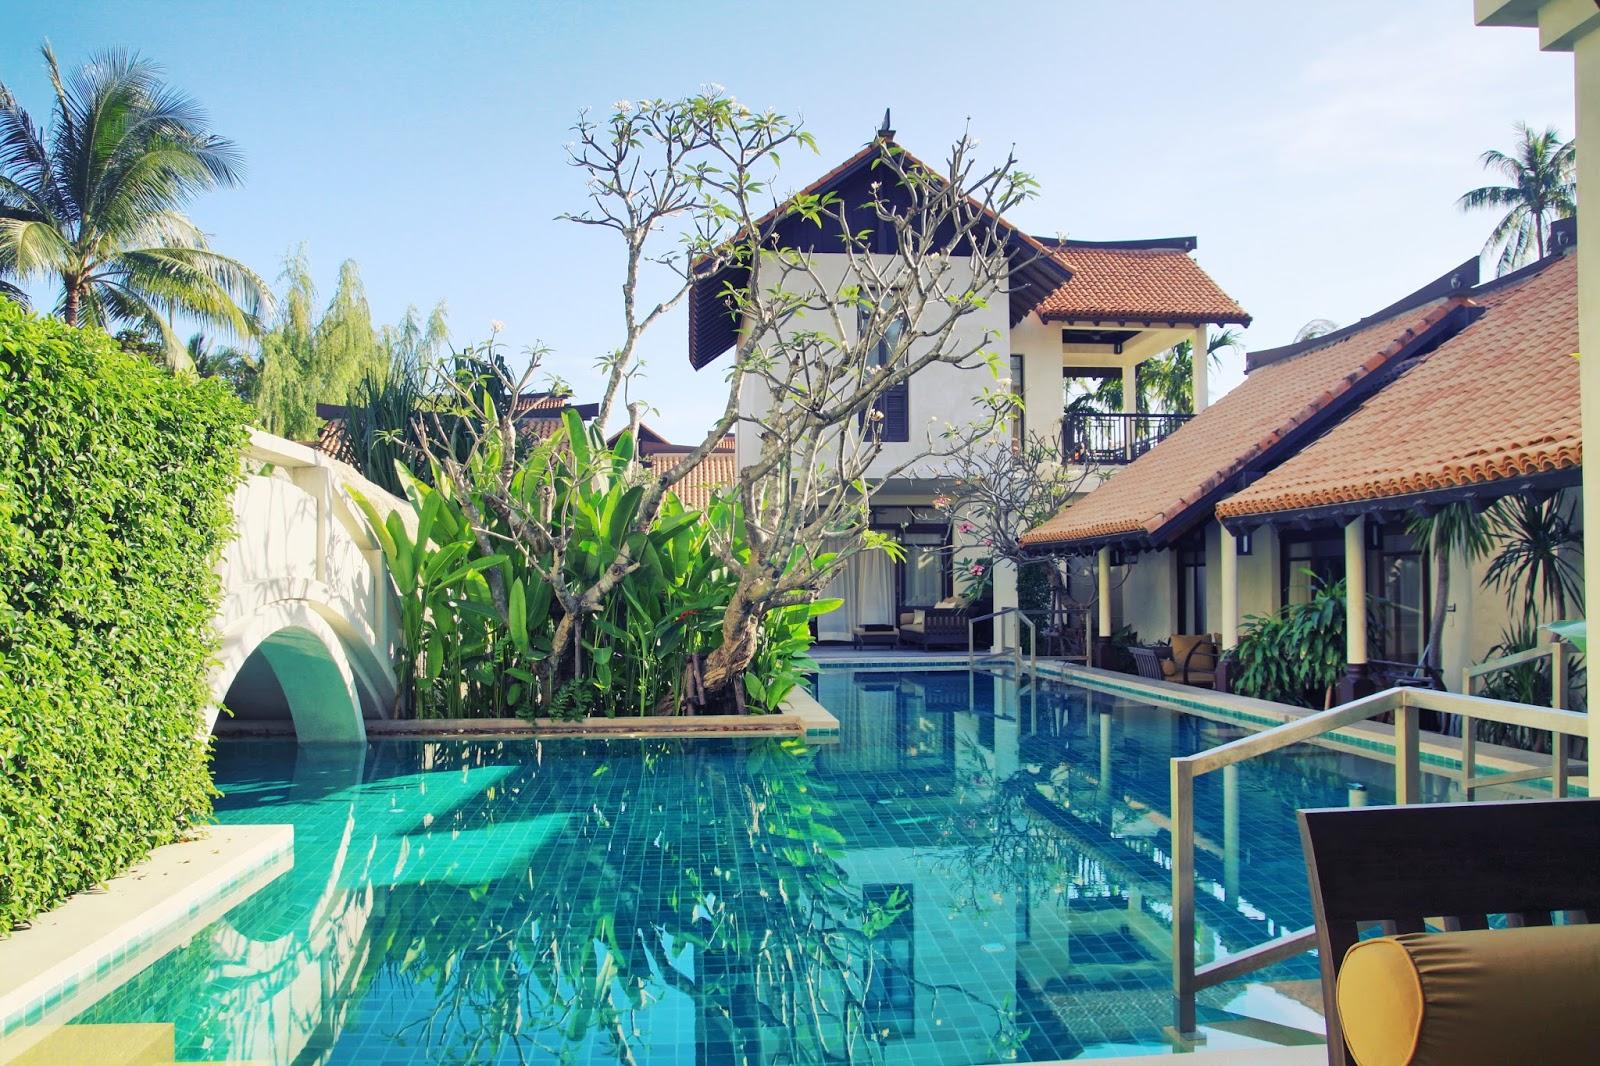 Pool Villa le meridian koh samui